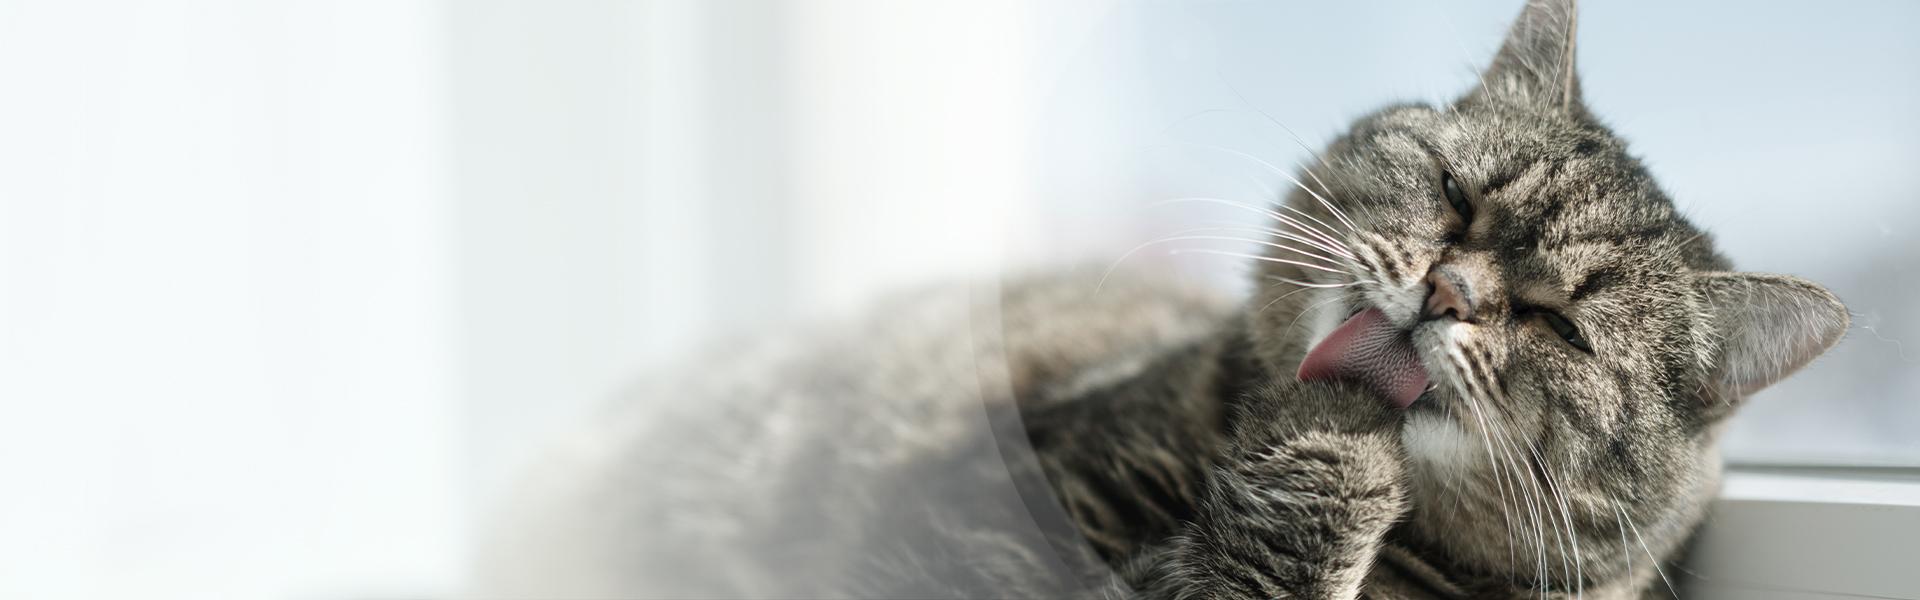 Kot senior – jak karmić idbać ostarszego kota?